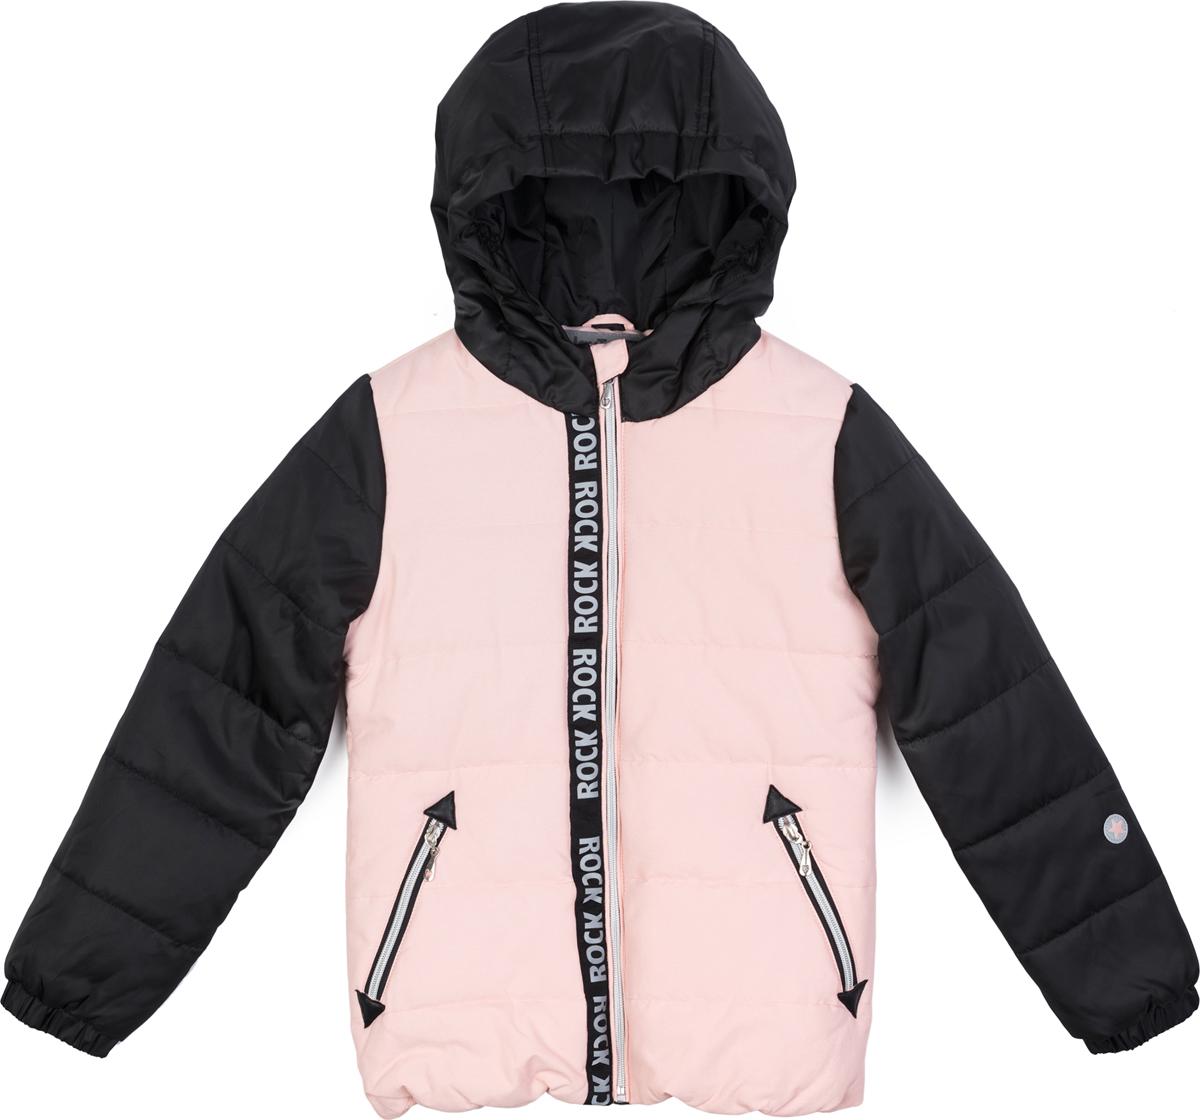 Куртка для девочки PlayToday, цвет: черный, розовый. 182002. Размер 146/152182002Утепленная стеганаякуртка выполнена из водонепроницаемой ткани. Встрочной капюшон по контуру дополнен резинкой. Модель на молнии. Специальный карман для фиксации бегунка не позволит застежке травмировать нежную детскую кожу. Встрочные карманы на молнии. Низ куртки на резинке для дополнительного сохранения тепла. Светоотражатели обеспечать видимость ребенка в темное время суток.